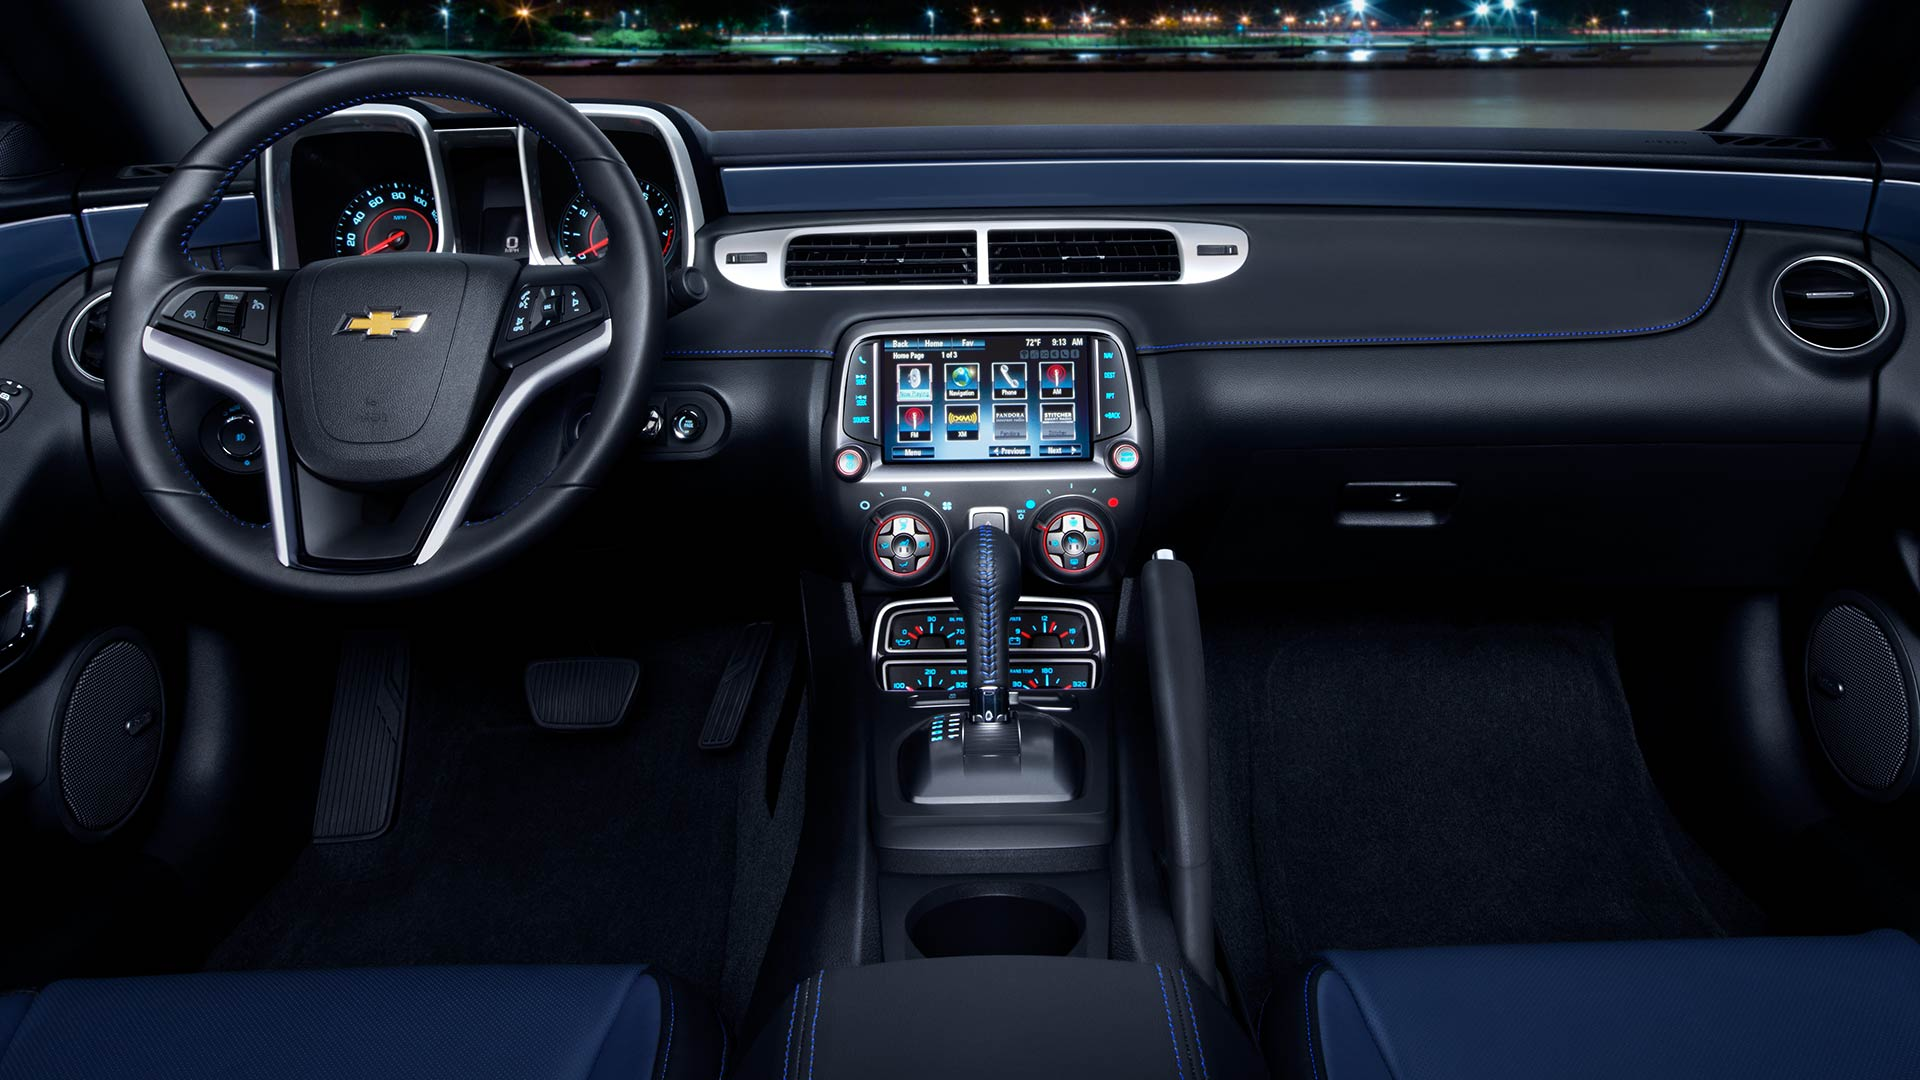 Used 2014 Chevrolet Malibu In Burlington Nj